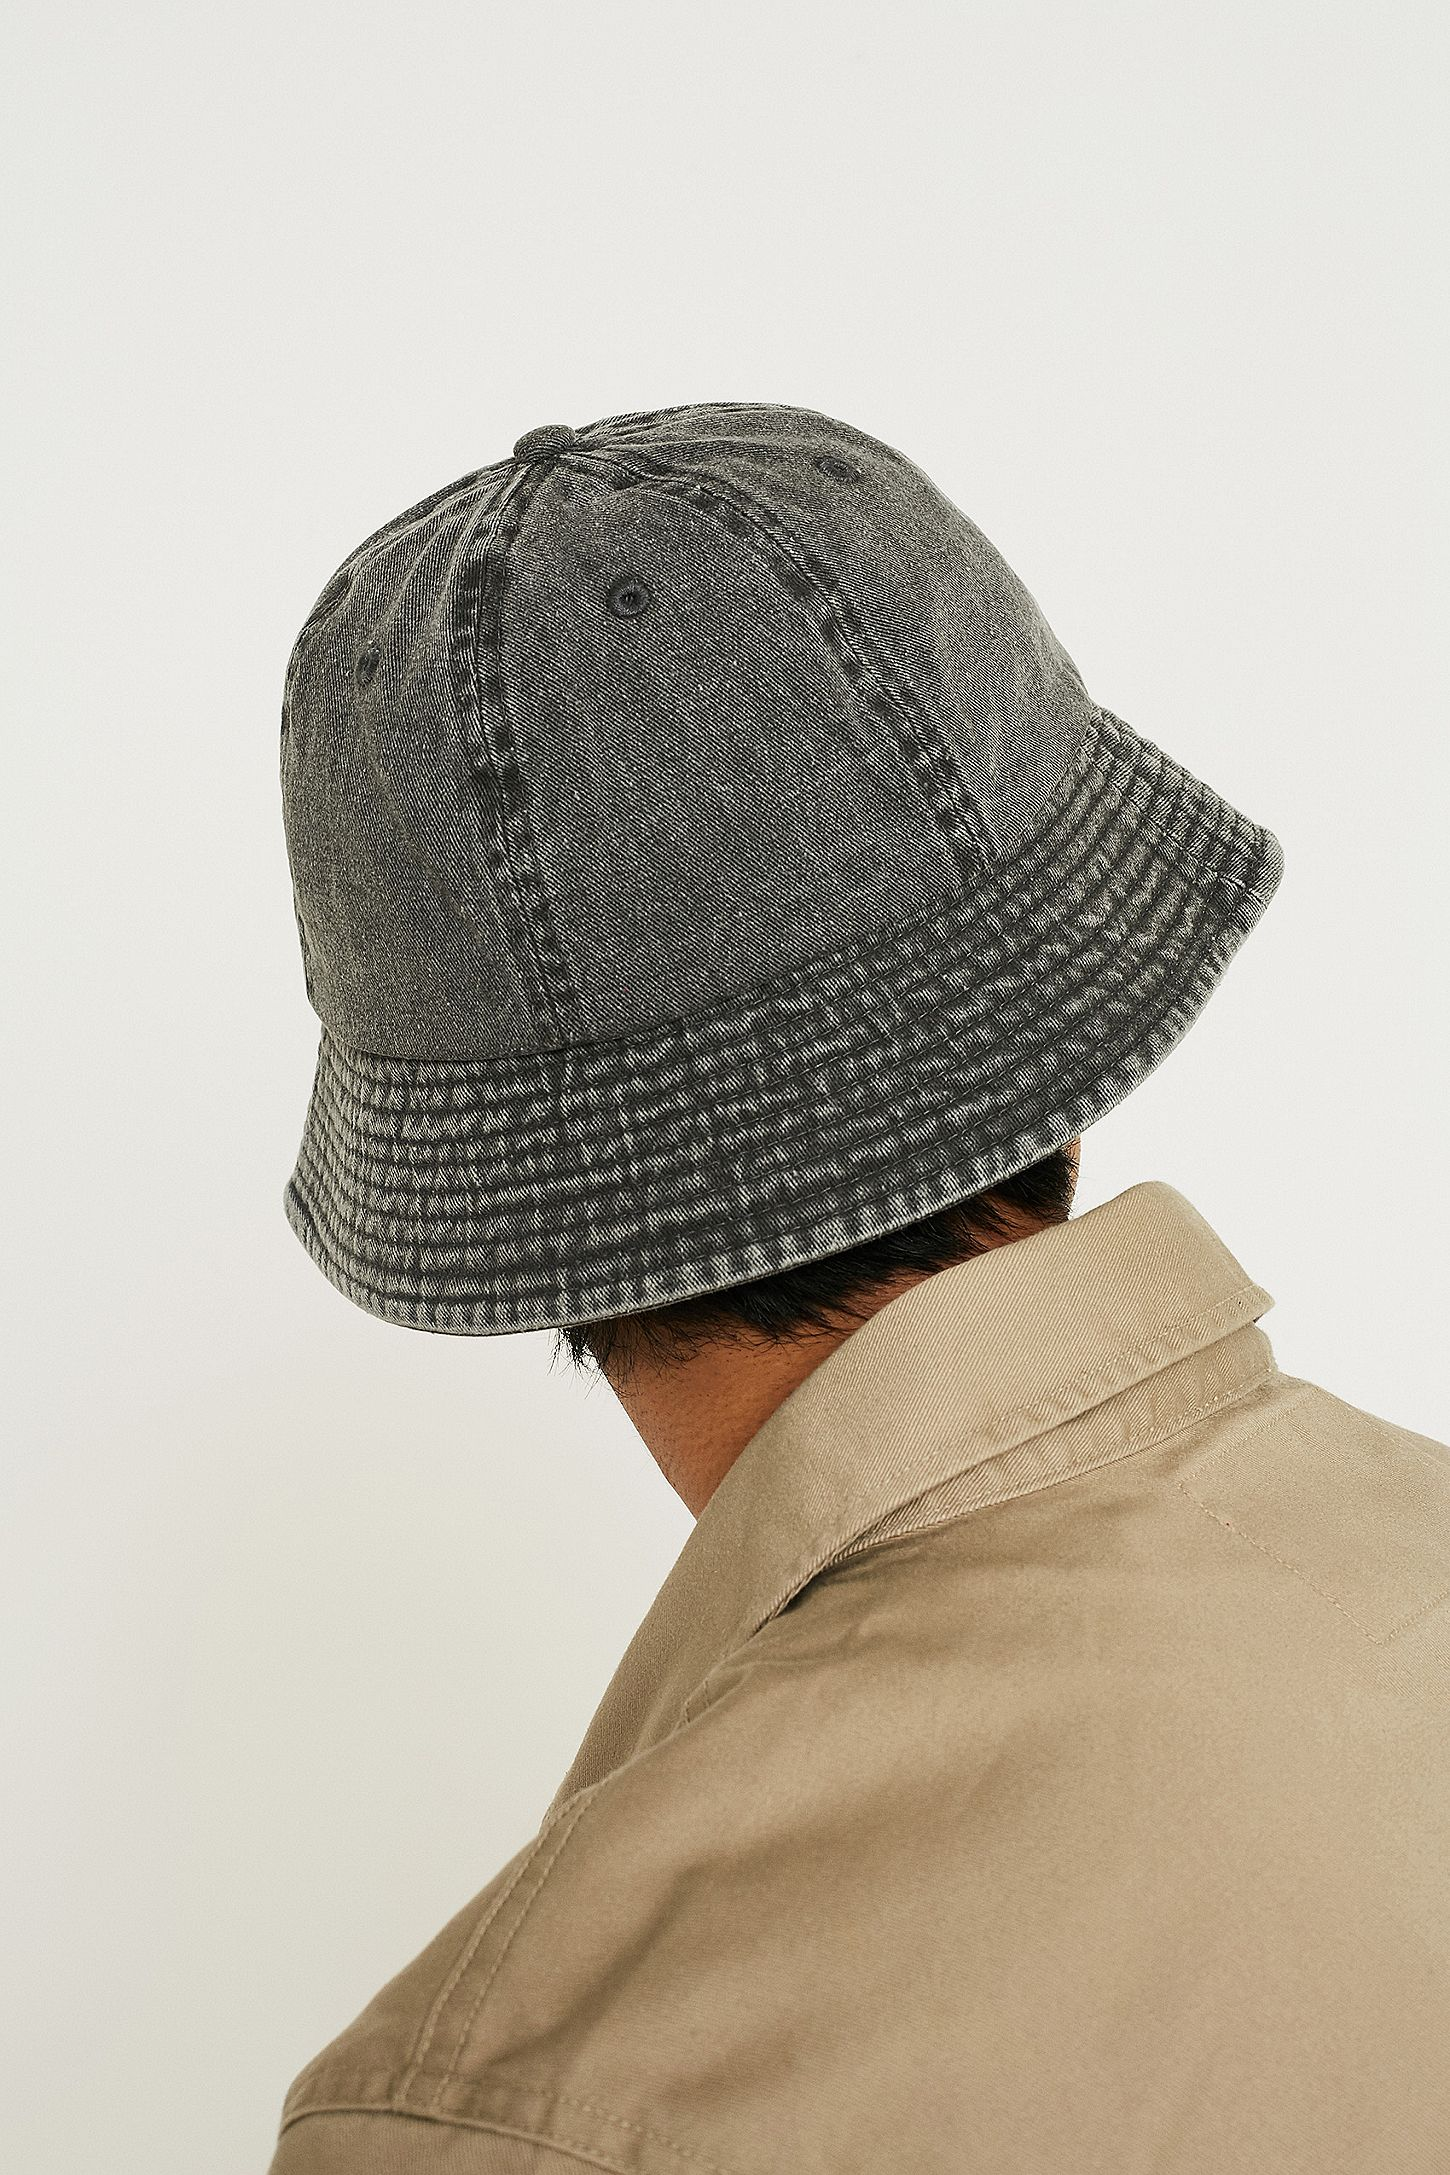 da47ba9432cde ... discount neff jillian gray knit hat slide view 5 obey decades bucket hat  46435 c8866